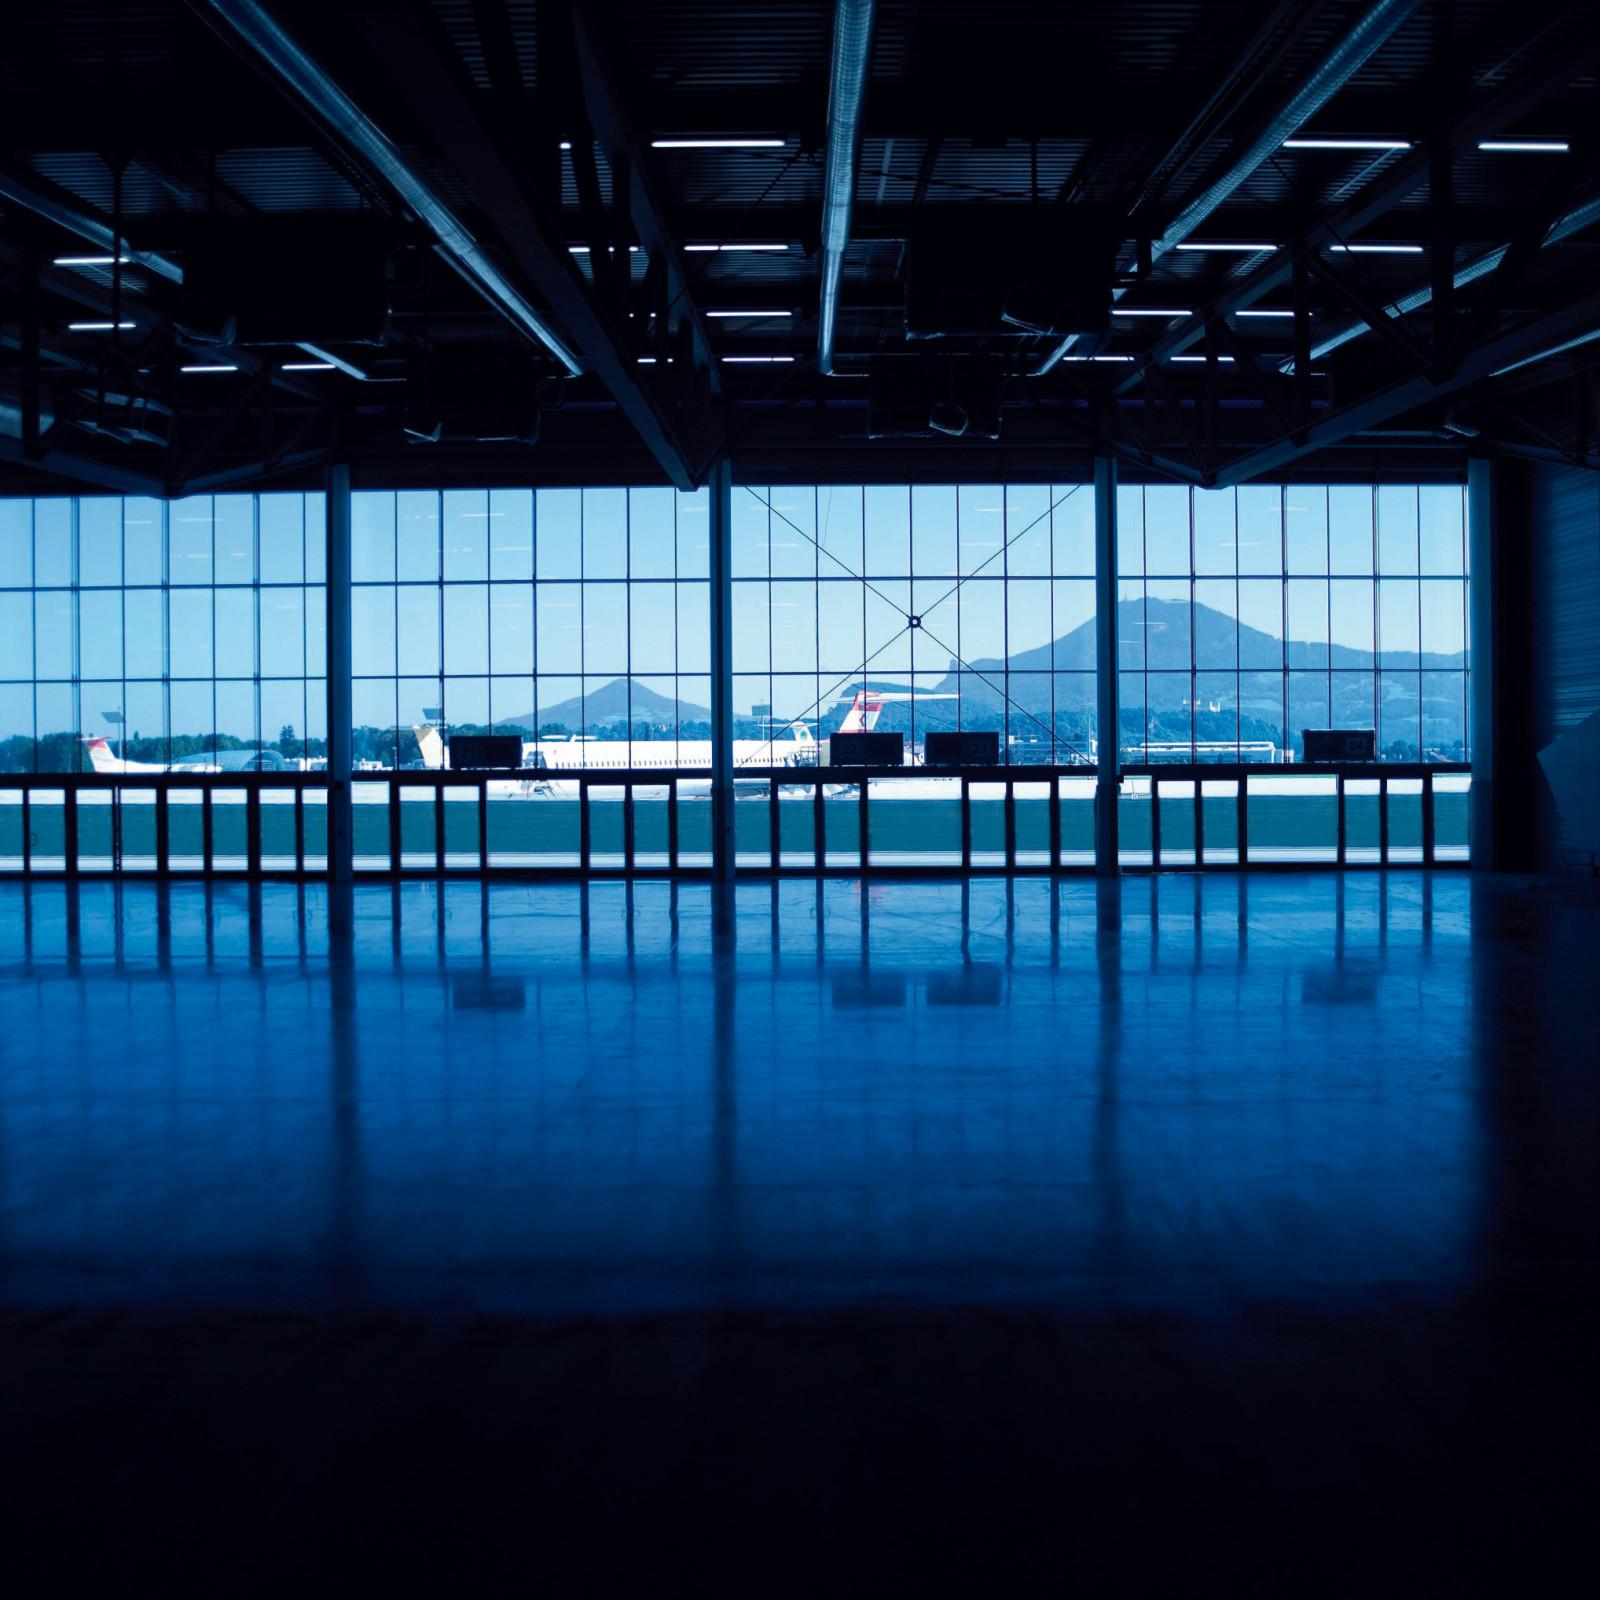 Im Amadeus-Terminal 2 werden nicht nur große Mengen an Passagieren abgefertigt, sondern finden auch eineige der tollsten Events der Stadt statt